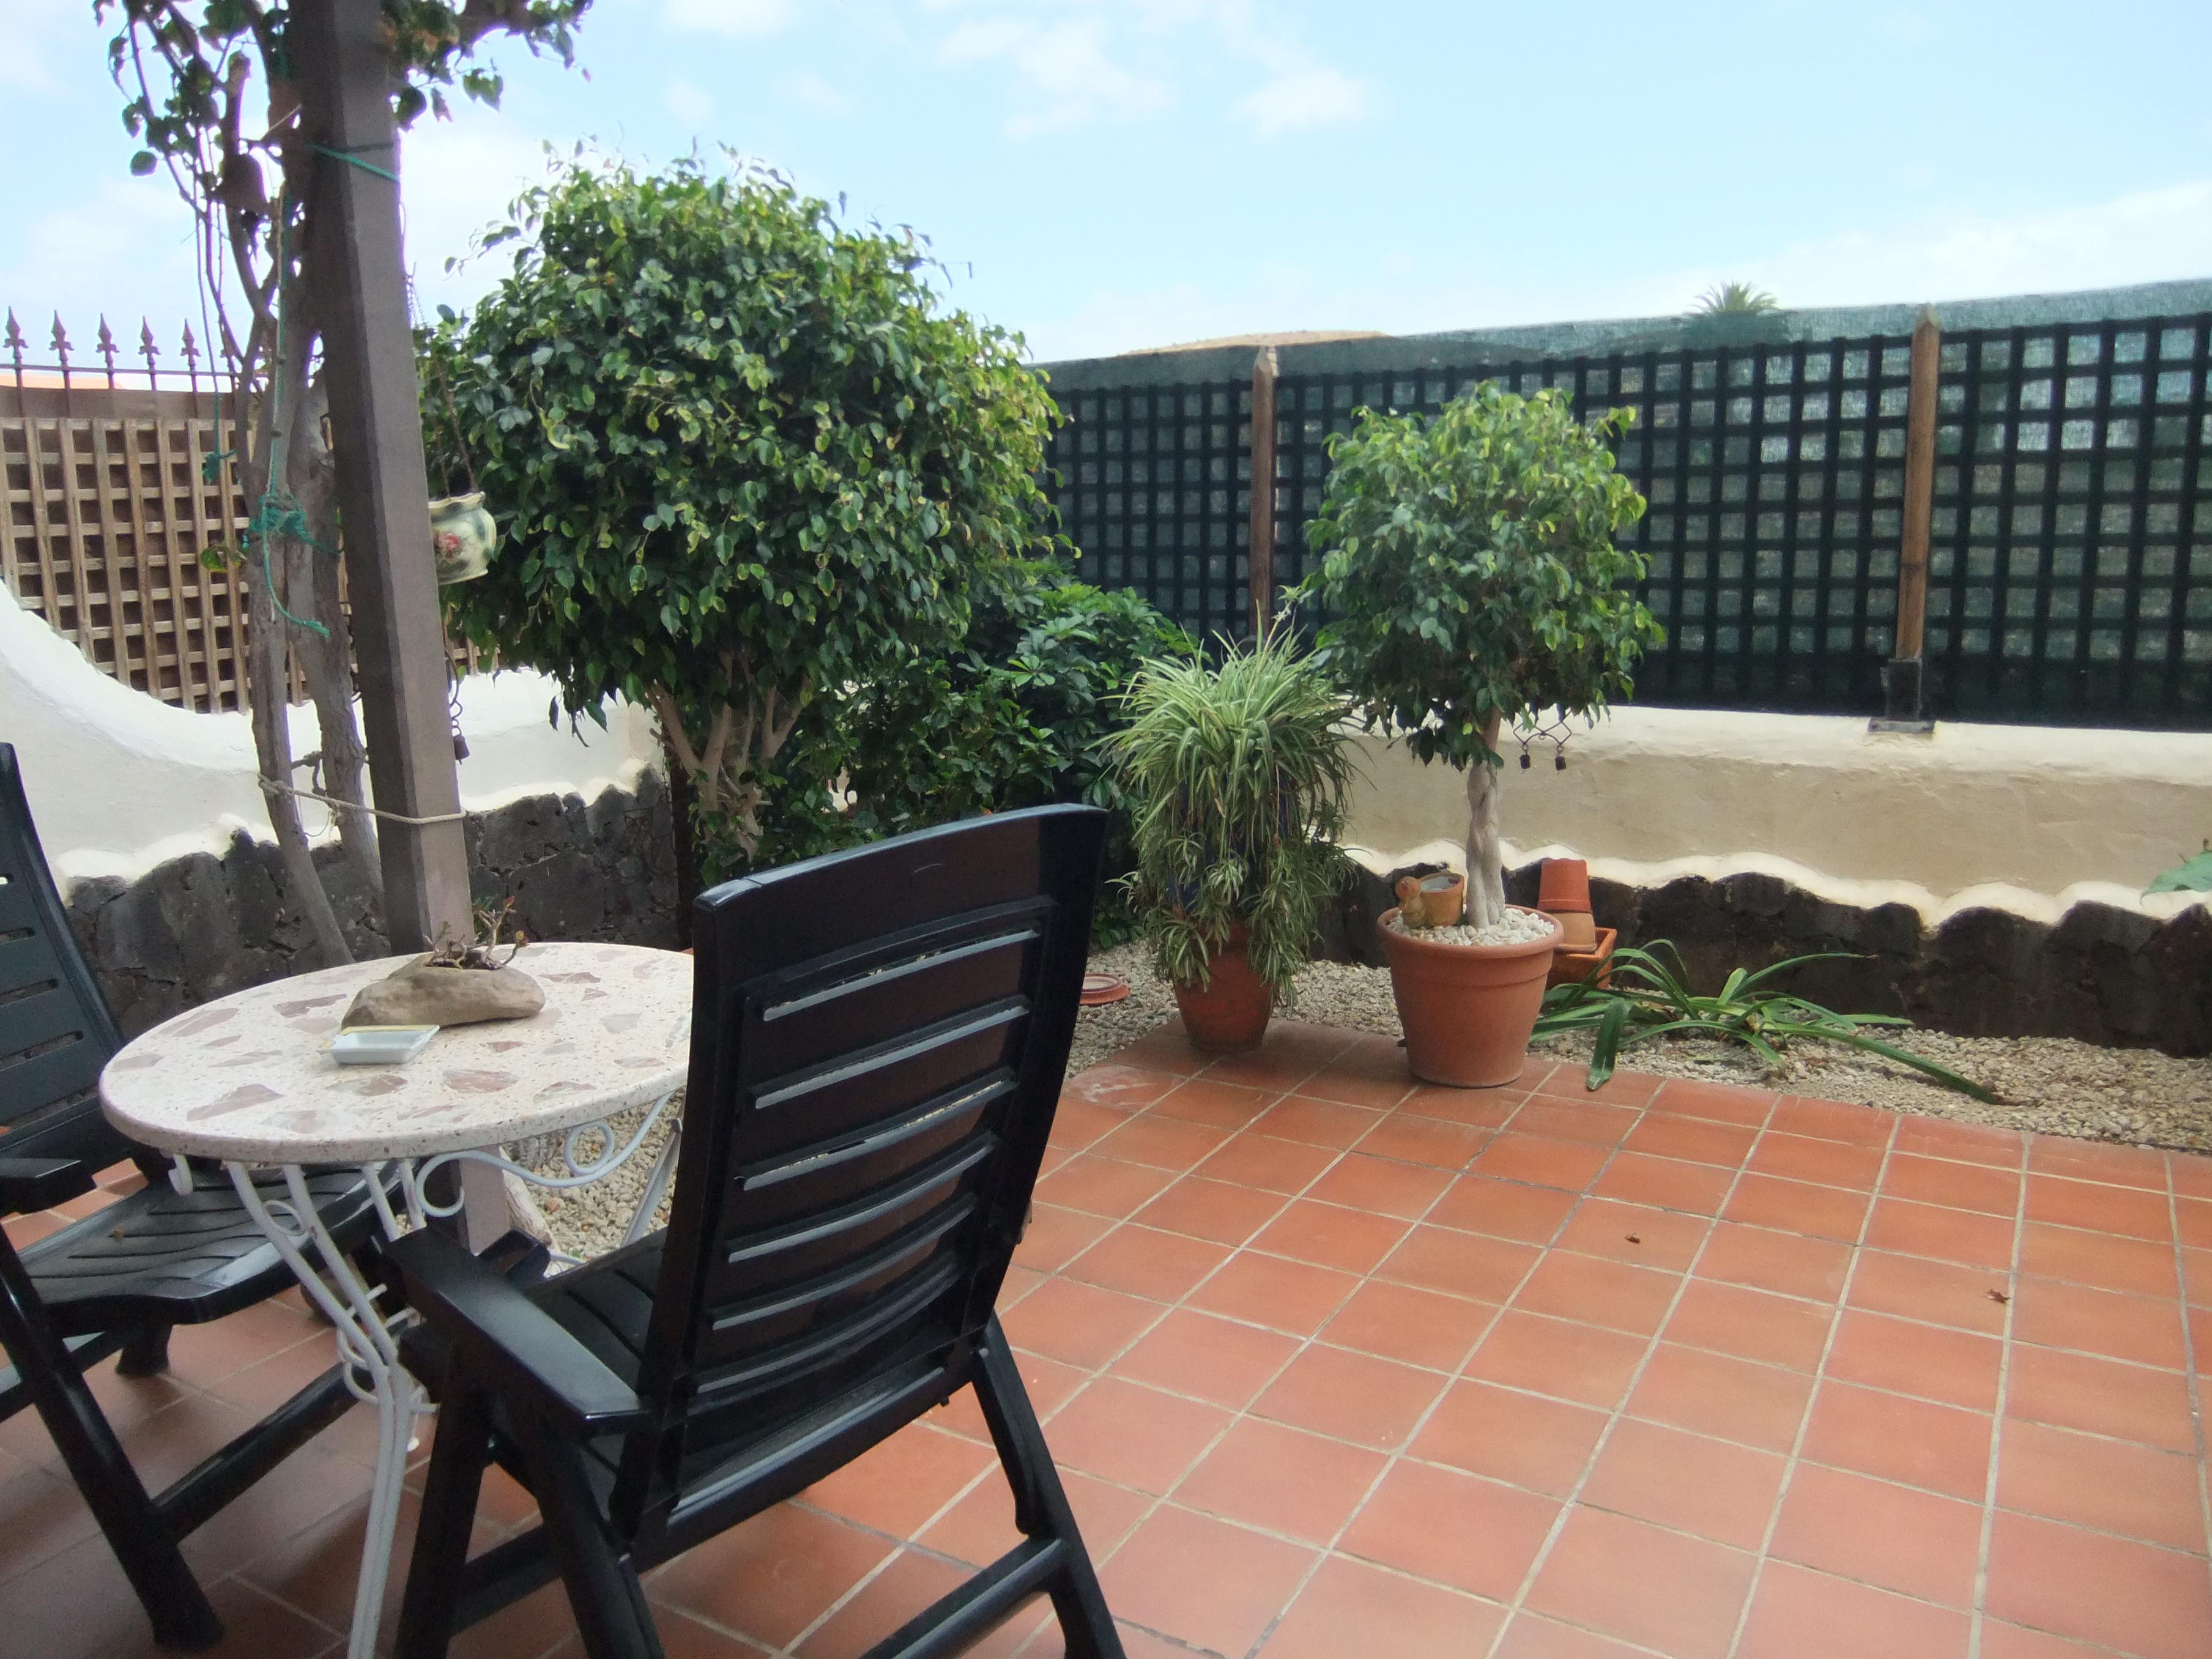 Rooms For Sale Rent Santa Cruz